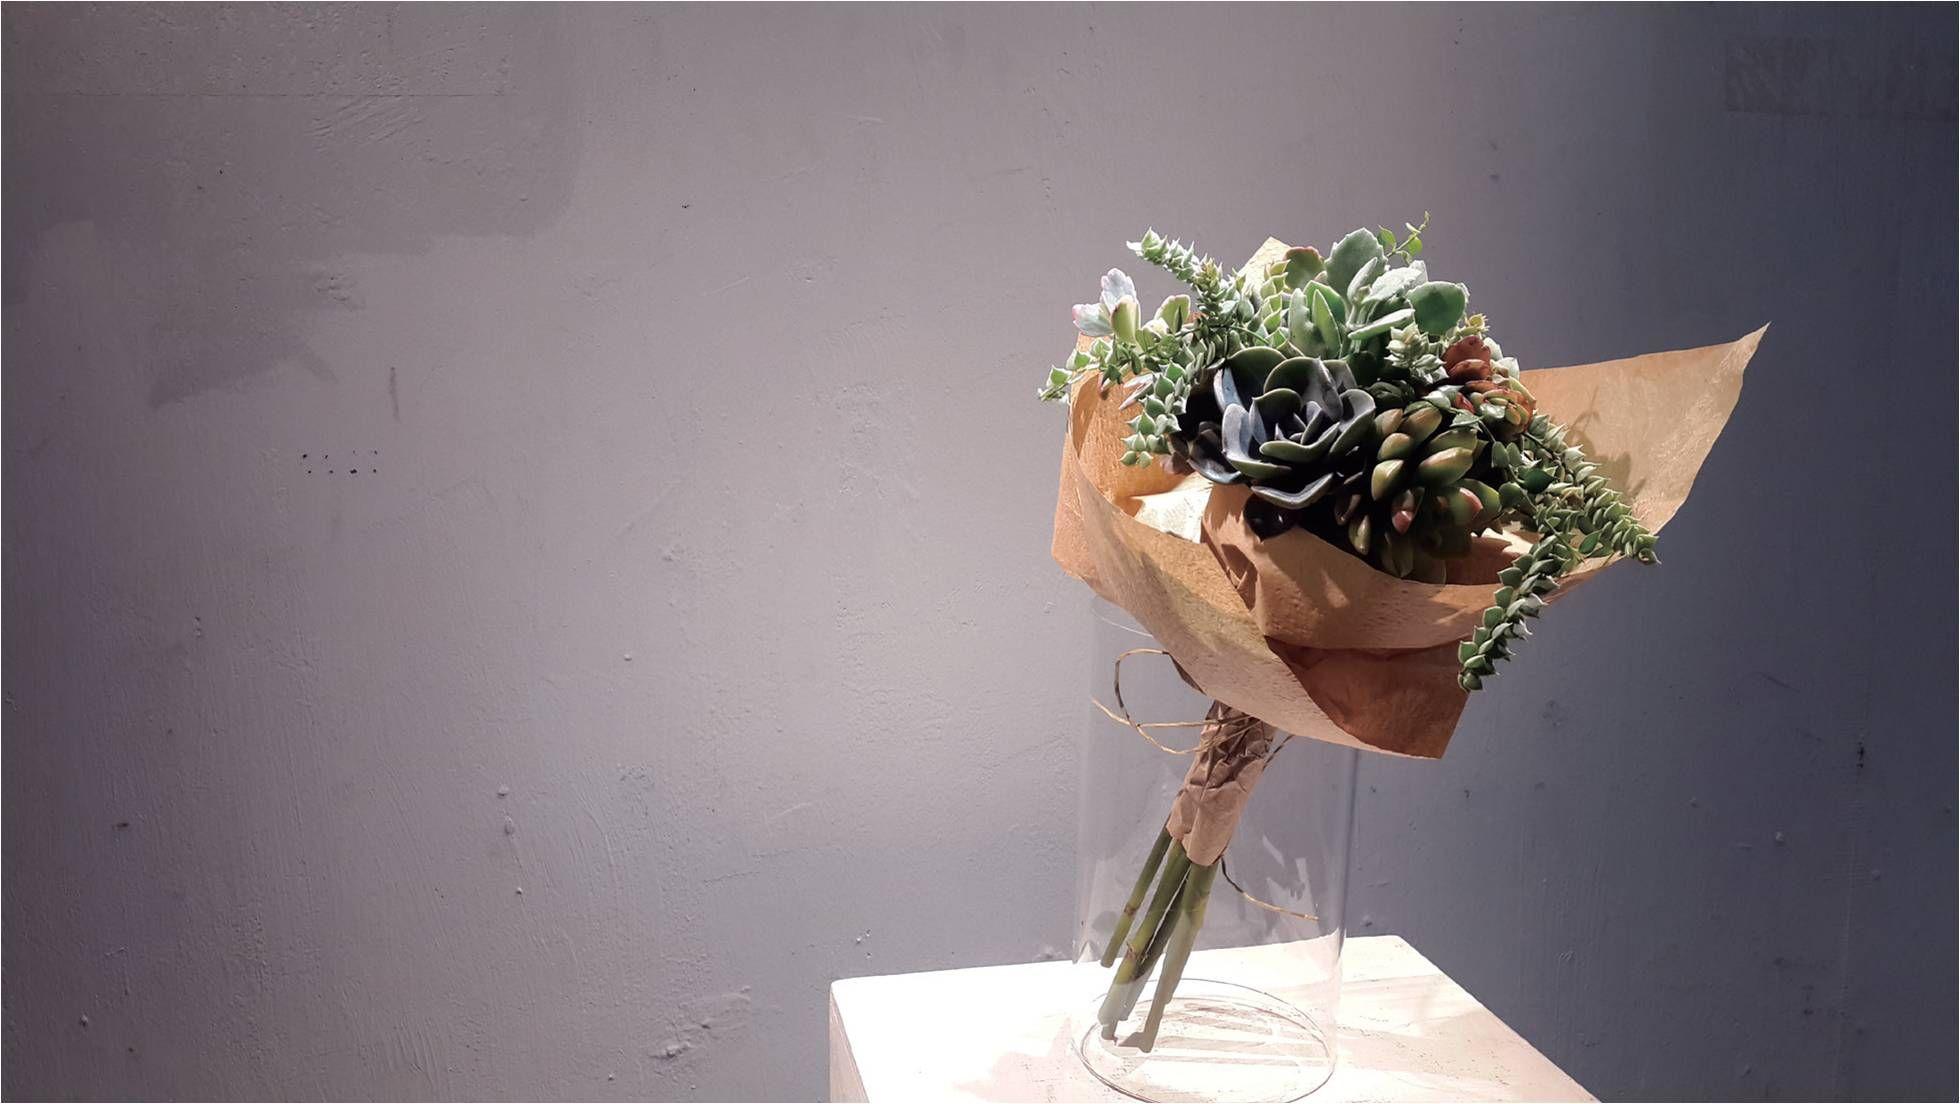 植物翻譯師:造一個內心的花園吧!因為每一個人心裡想要的風景都不一樣